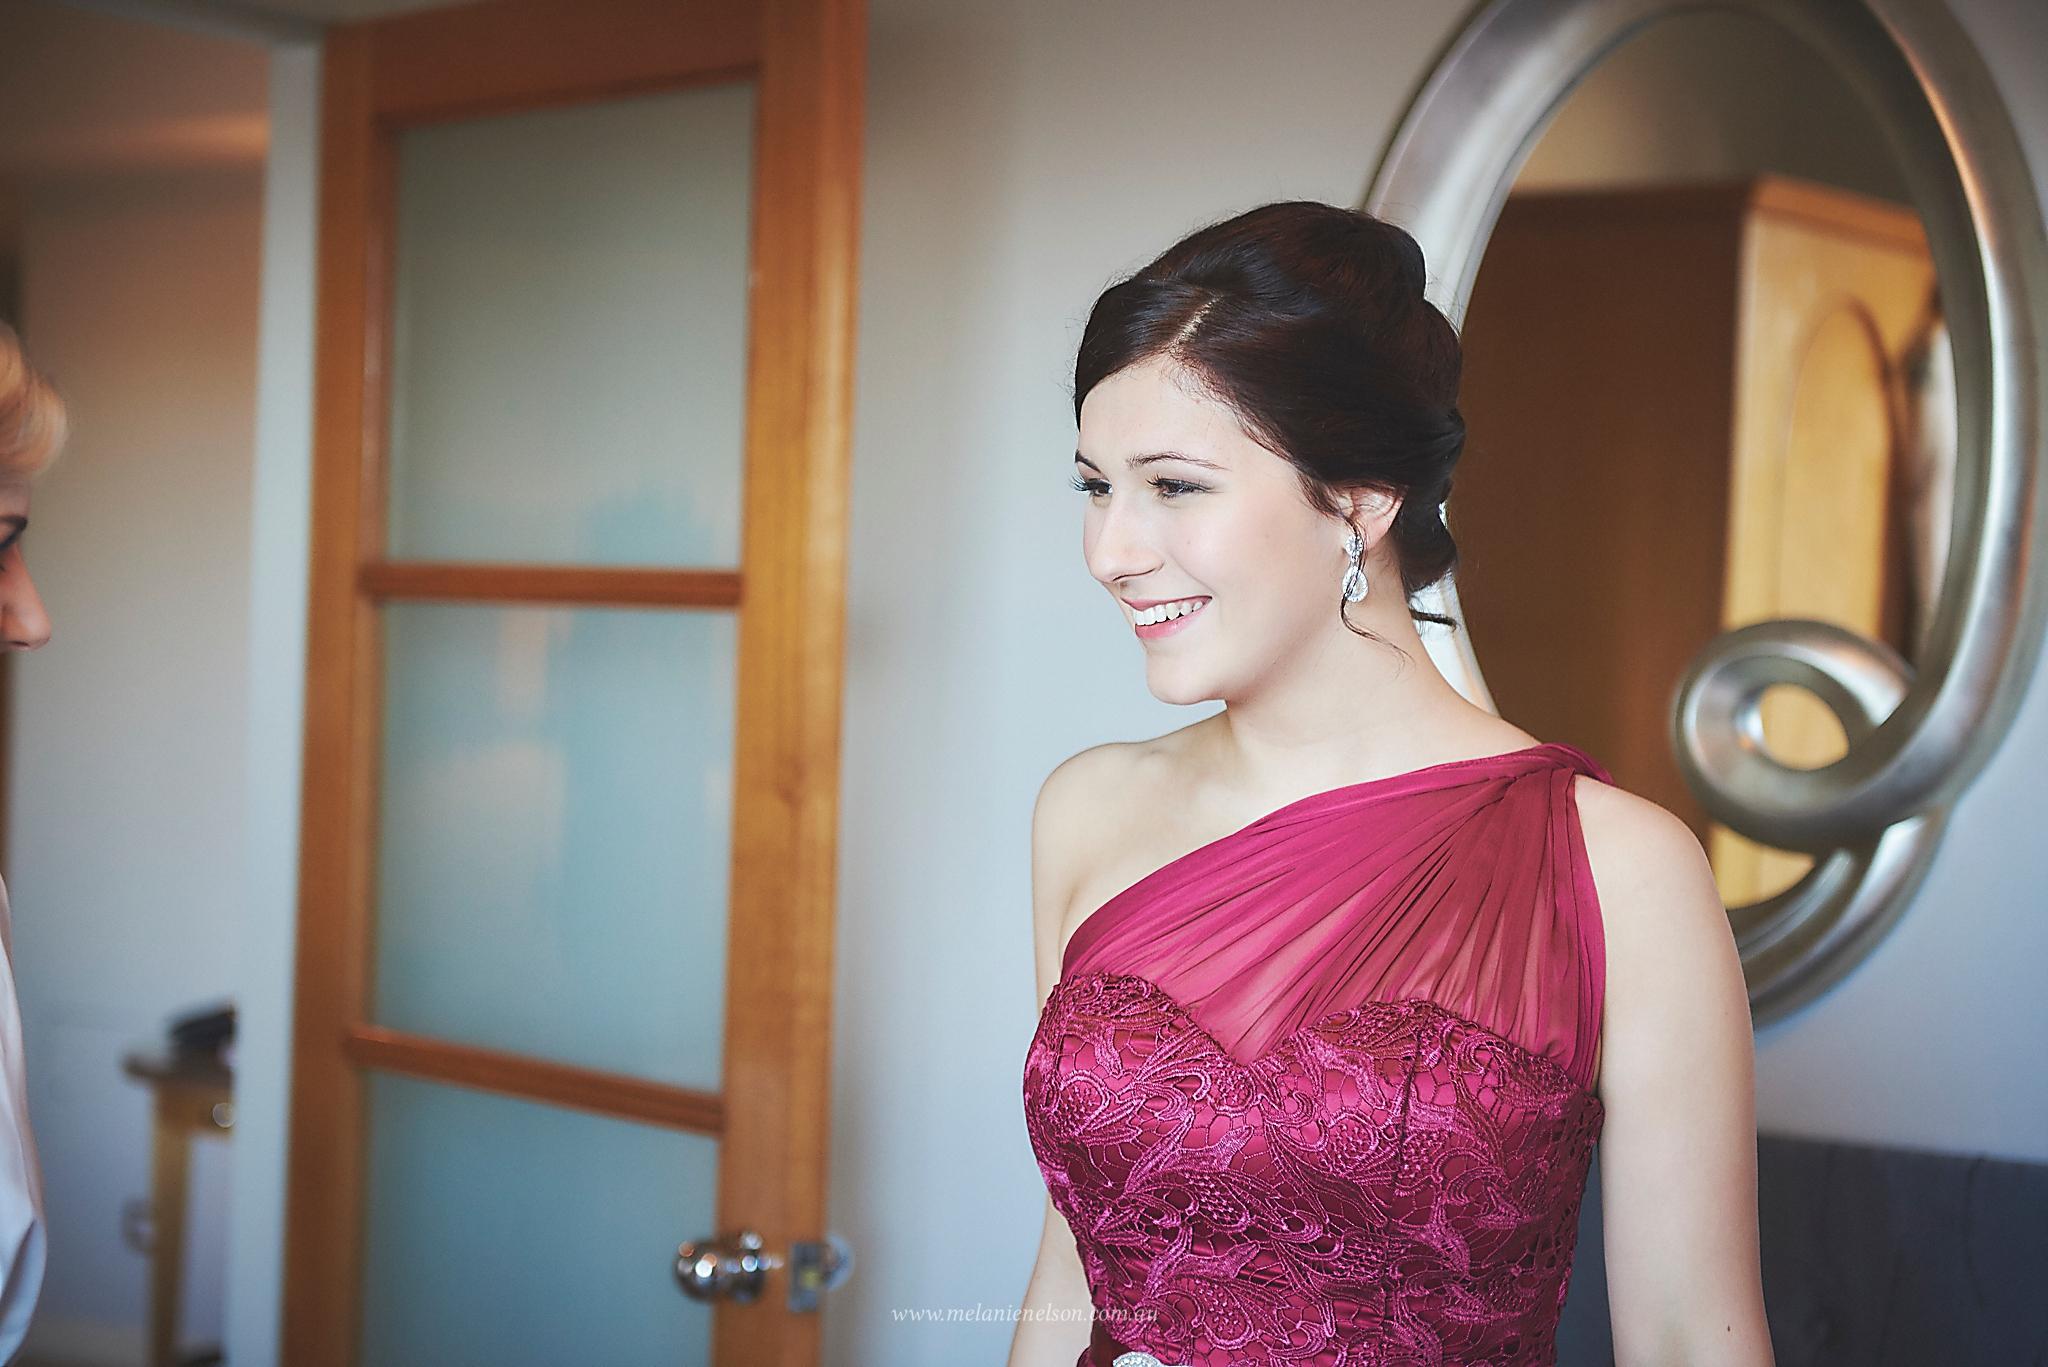 adelaide_wedding_photography12.jpg